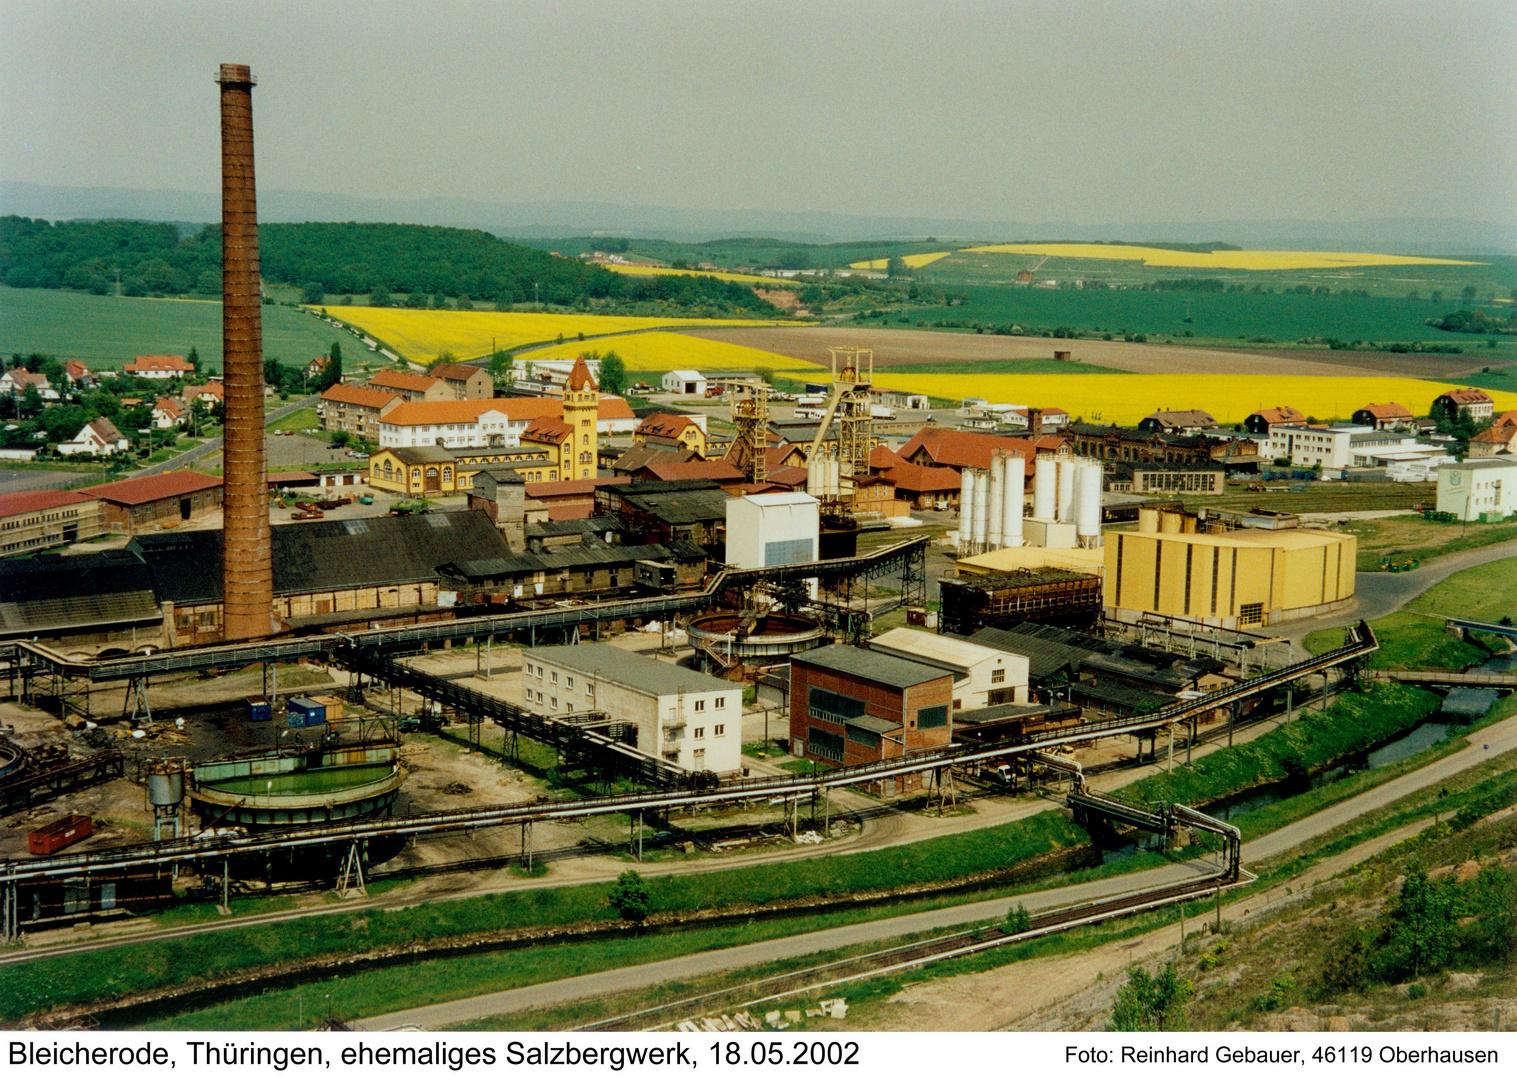 Bleicherode, Thüringen, ehemaliges Salzbergwerk, Untertage-Mülldeponie, 2002